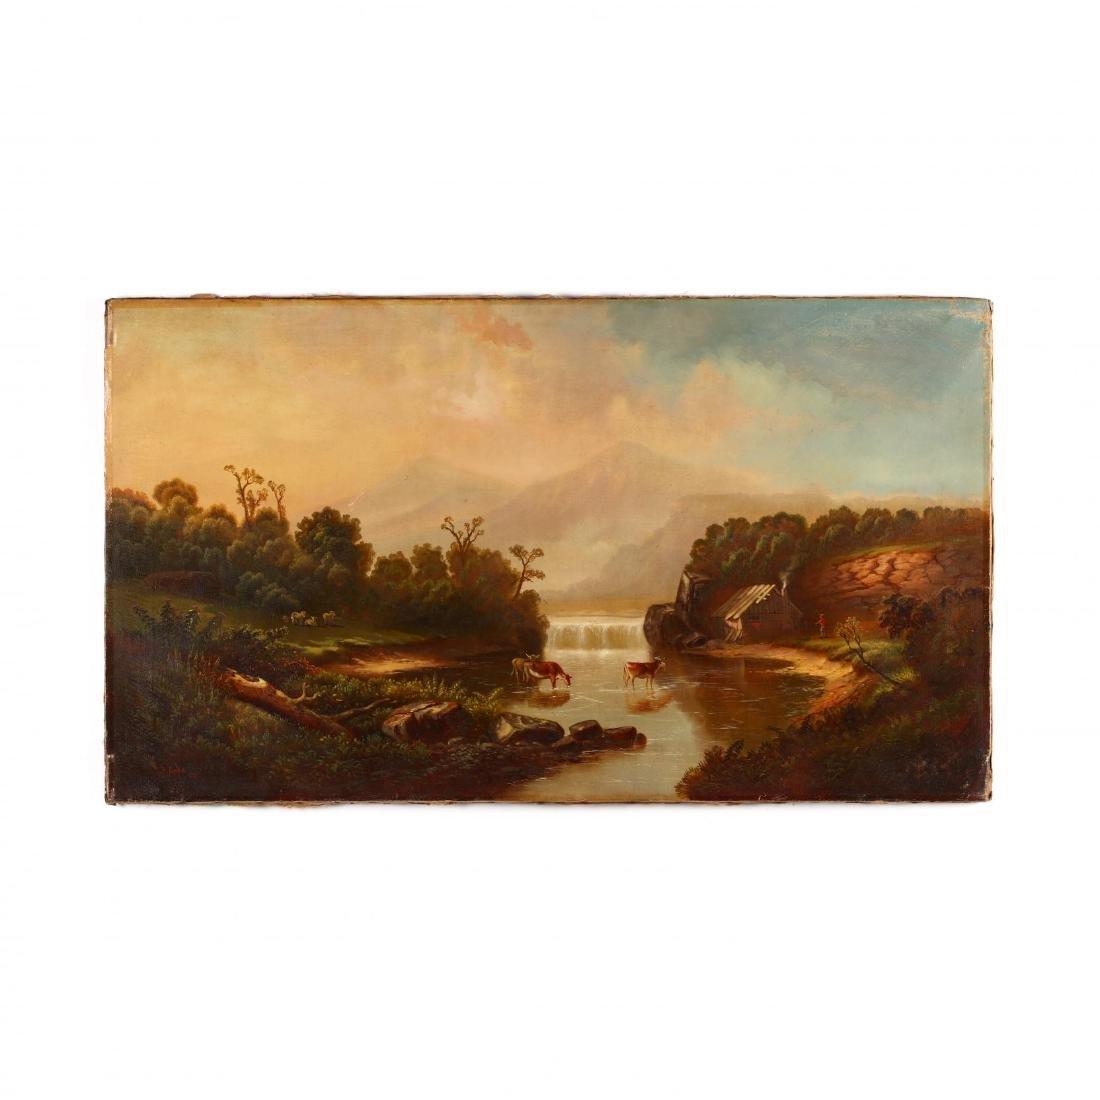 Samuel P. Dyke (PA, 1835-1870), Cattle Watering